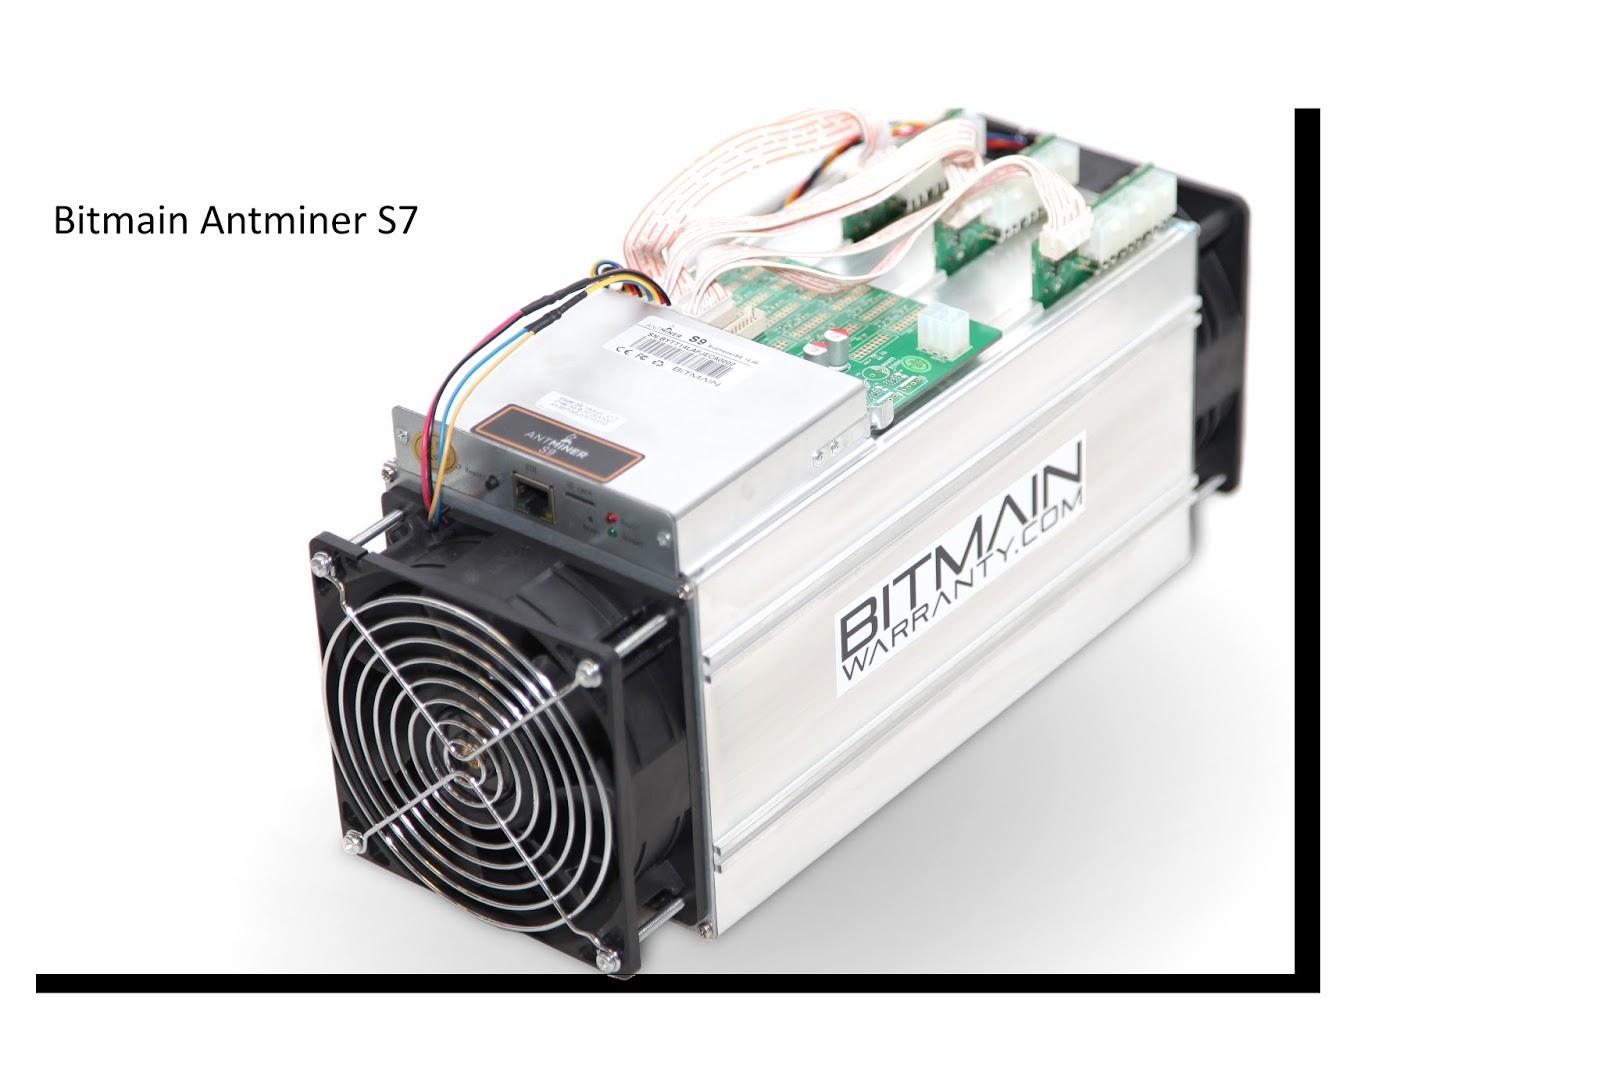 antminer s7 price